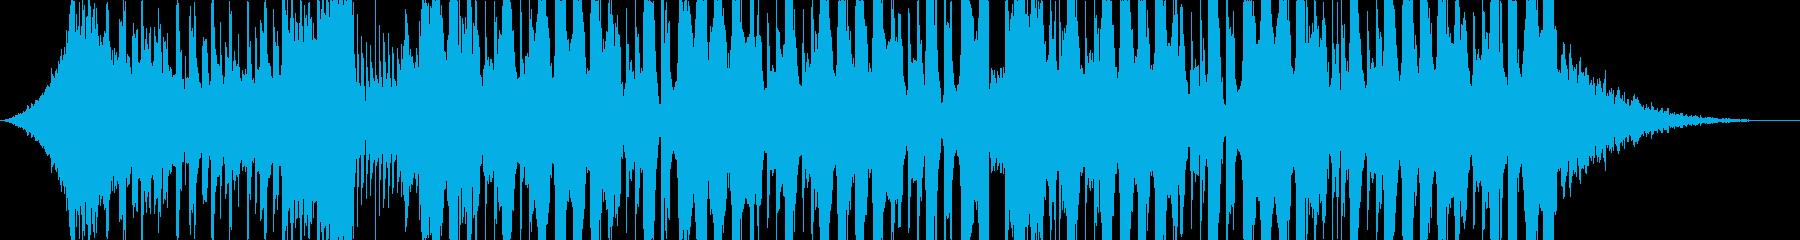 企業VP、CM、映像系に合うダブステップの再生済みの波形